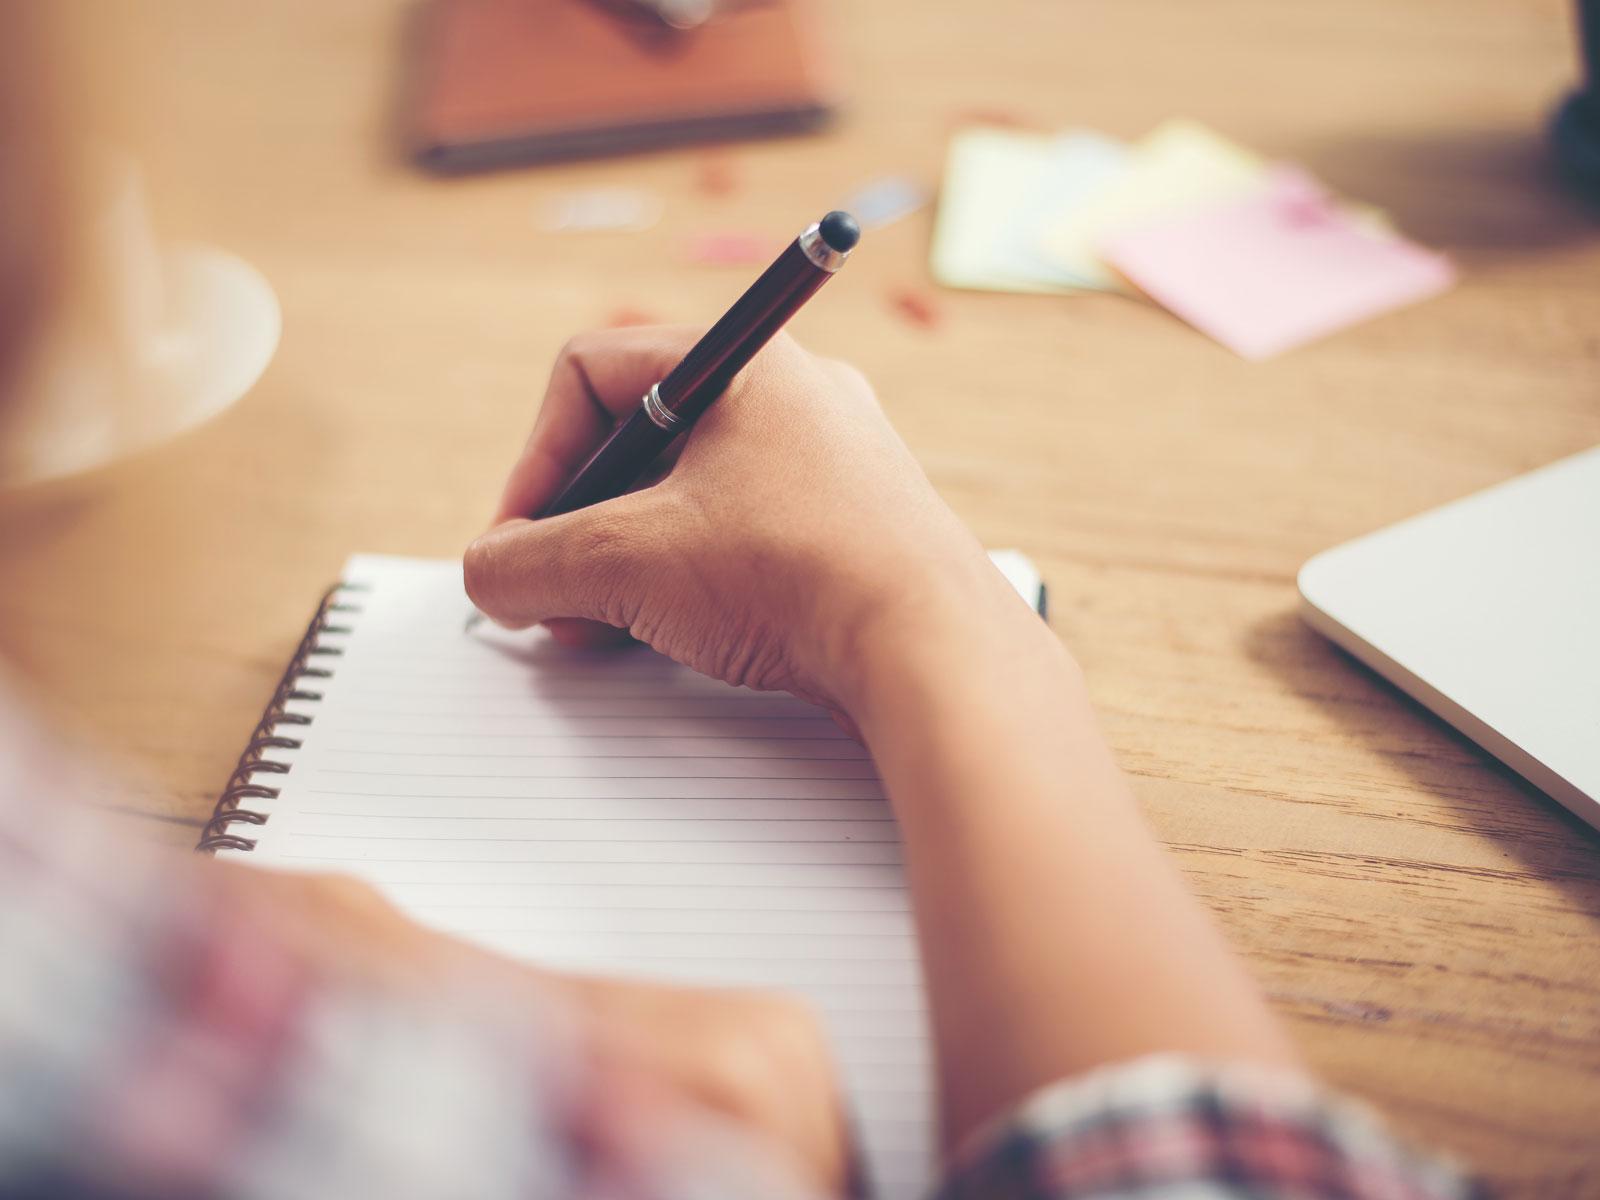 laboratorio di scrittura creativa - Maurizio Valtieri